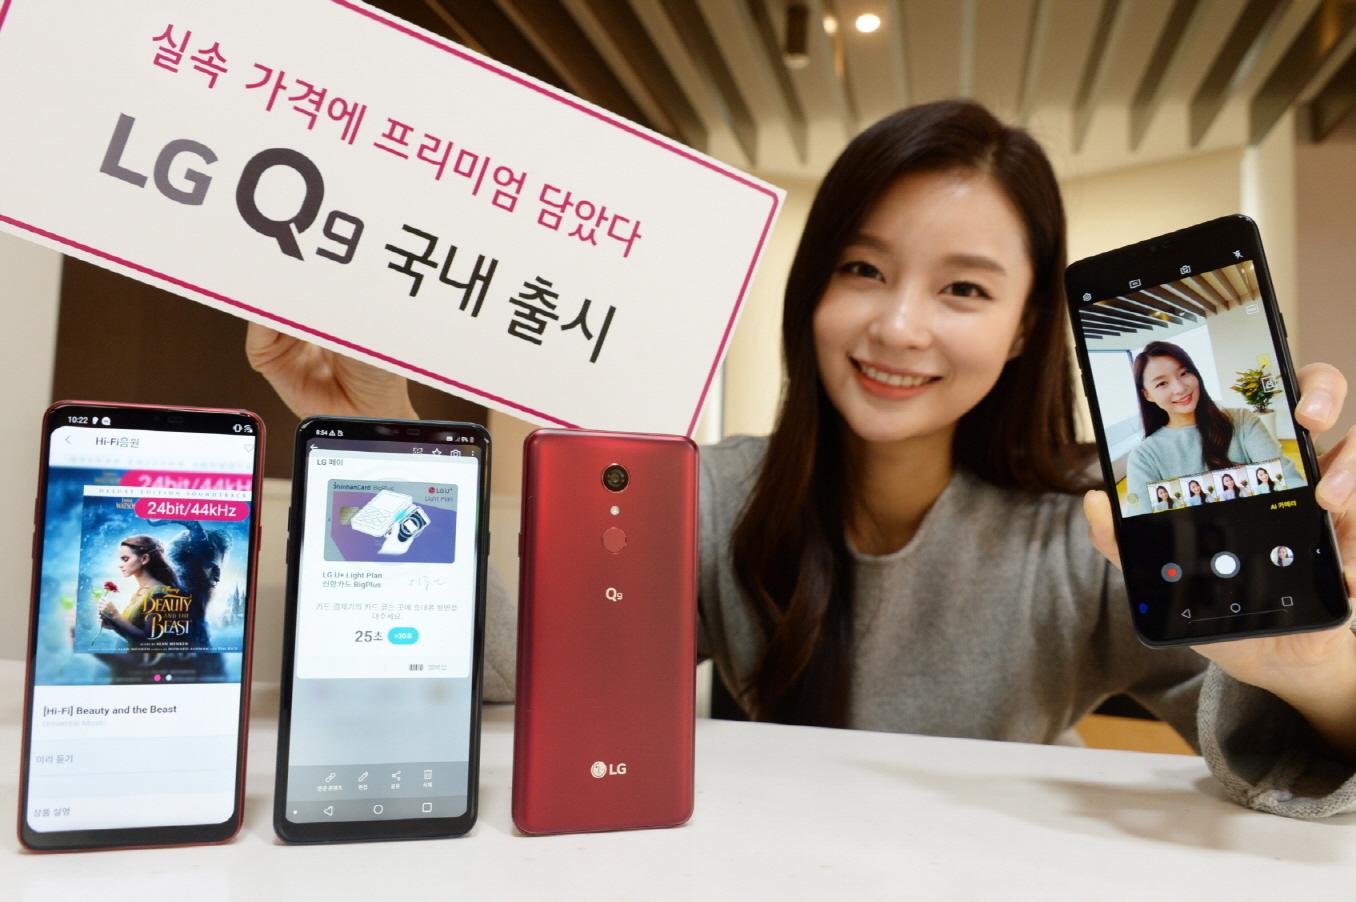 6일 모델이 여의도 LG 트윈타워에서 LG Q9을 소개하고 있다. LG Q9은 ▲6.1인치 QHD+ 고해상도 대화면 ▲하이파이 쿼드 DAC ▲LG 페이 ▲AI 카메라 등 다양한 편의 기능을 밀스펙으로 완성도 높게 담아냈다. 출고가는 499,400원으로 실속 있는 신년·졸업·입학 선물을 찾는 고객에게 제격이다.